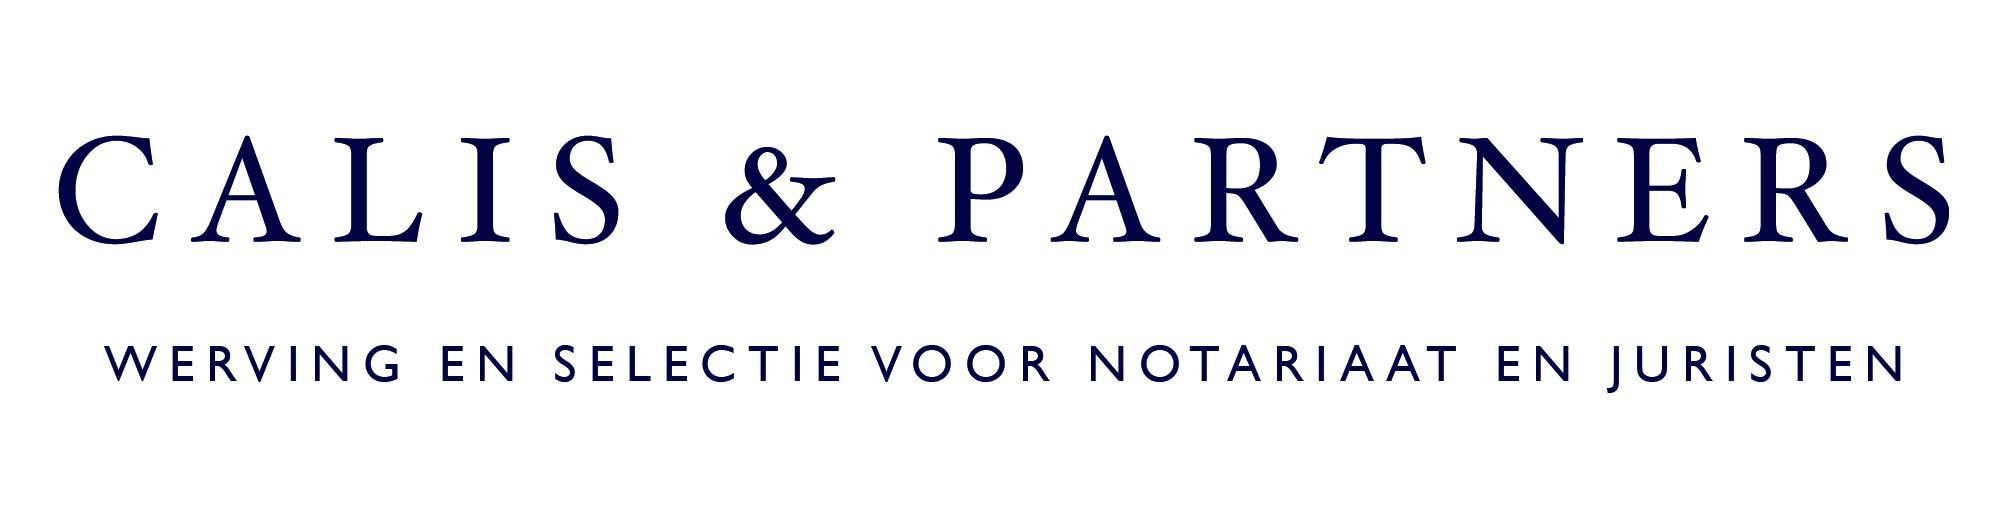 ** Ervaringsdeskundige in de afwikkeling van nalatenschappen in Hilversum **